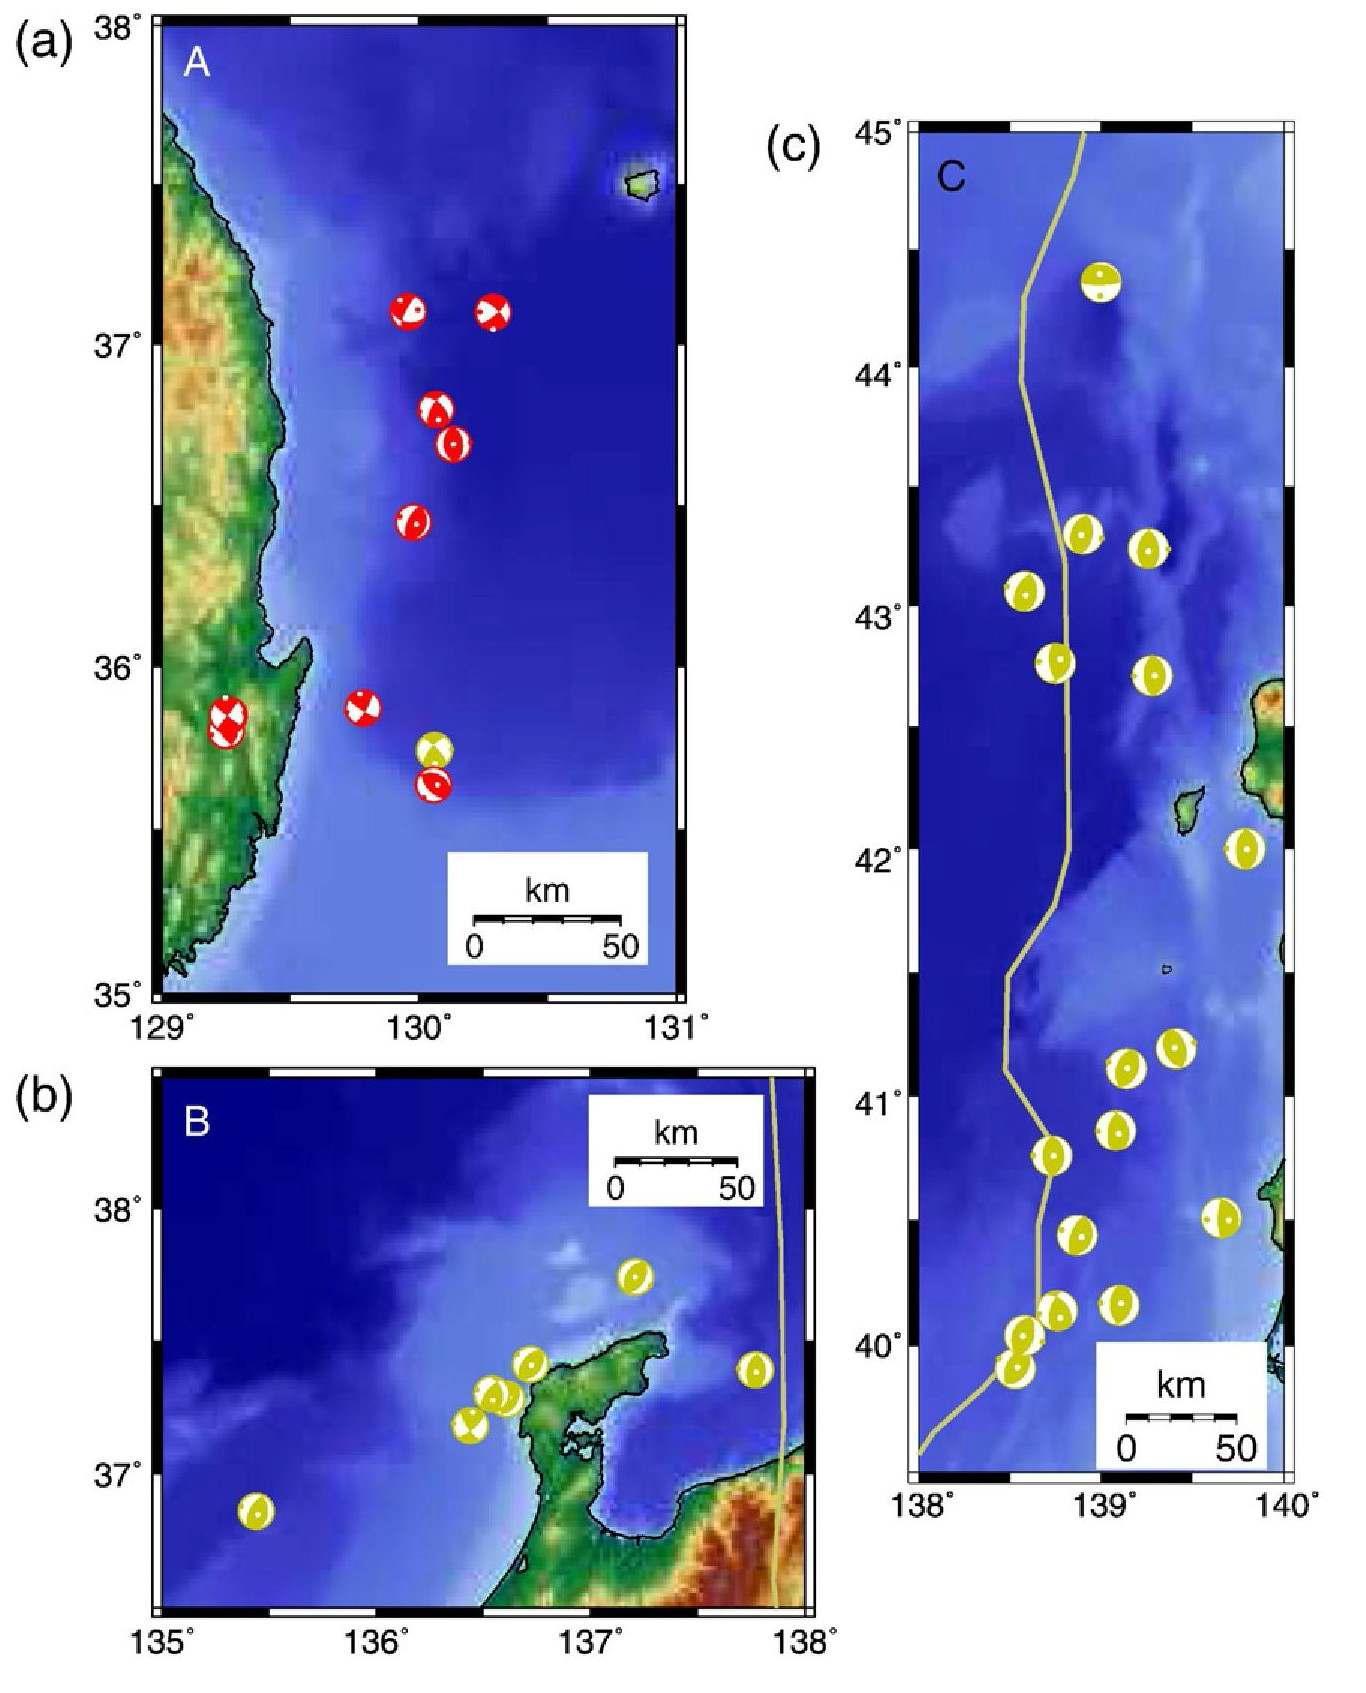 동해 주변 선택된 지역 해안가의 얕은 깊이에서 발생한 지진. (a) 울릉 분지 주변의 급경사면을 다 라 발생한 지역 A에서의 해안가 지진. (b) 지역 B의 지진은 노토 반도 주변에서 무리지어 발생하였다. (c) 지 역 C의 지진은 판 경계 주변에서 발생하였다. 주향이동단층 지진과 역단층 지진은 지역 A에서 발생하였다. 역단층 지진은 주로 지역 B와 C에서 발생하였다.